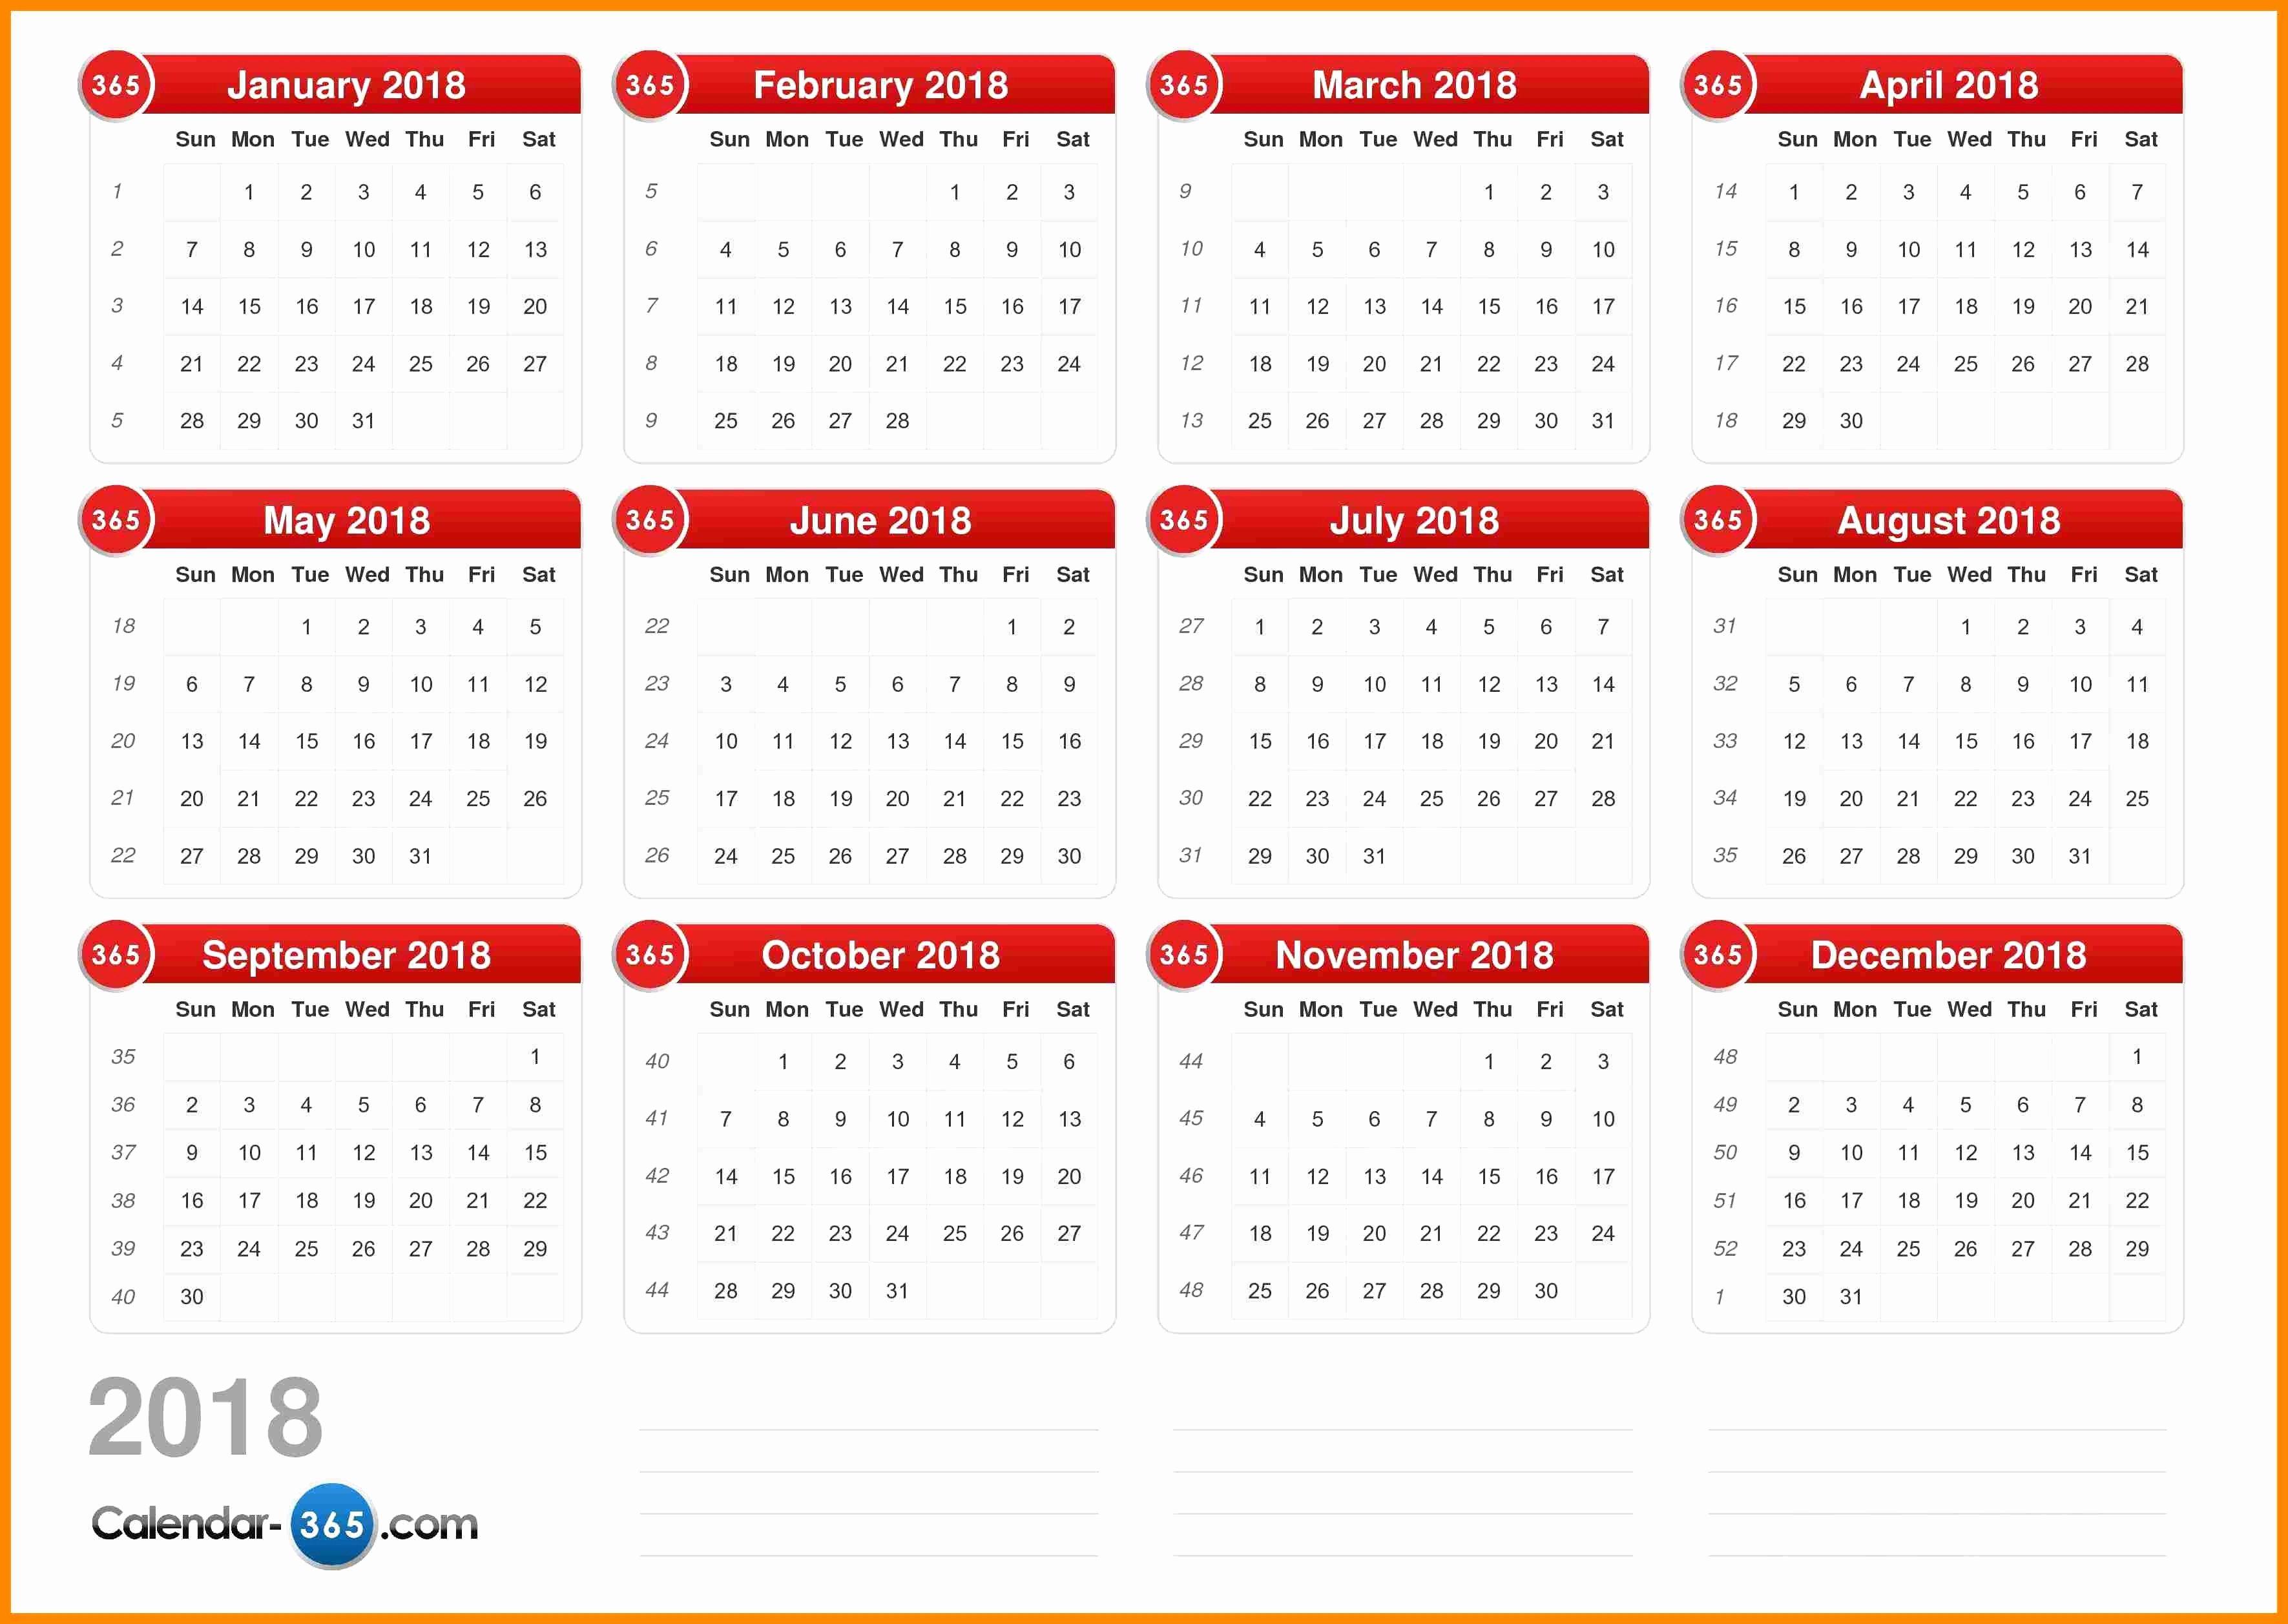 Payroll Calendar Template 2019 Best Of Adp 2019 Payroll Calendar Semi Monthly